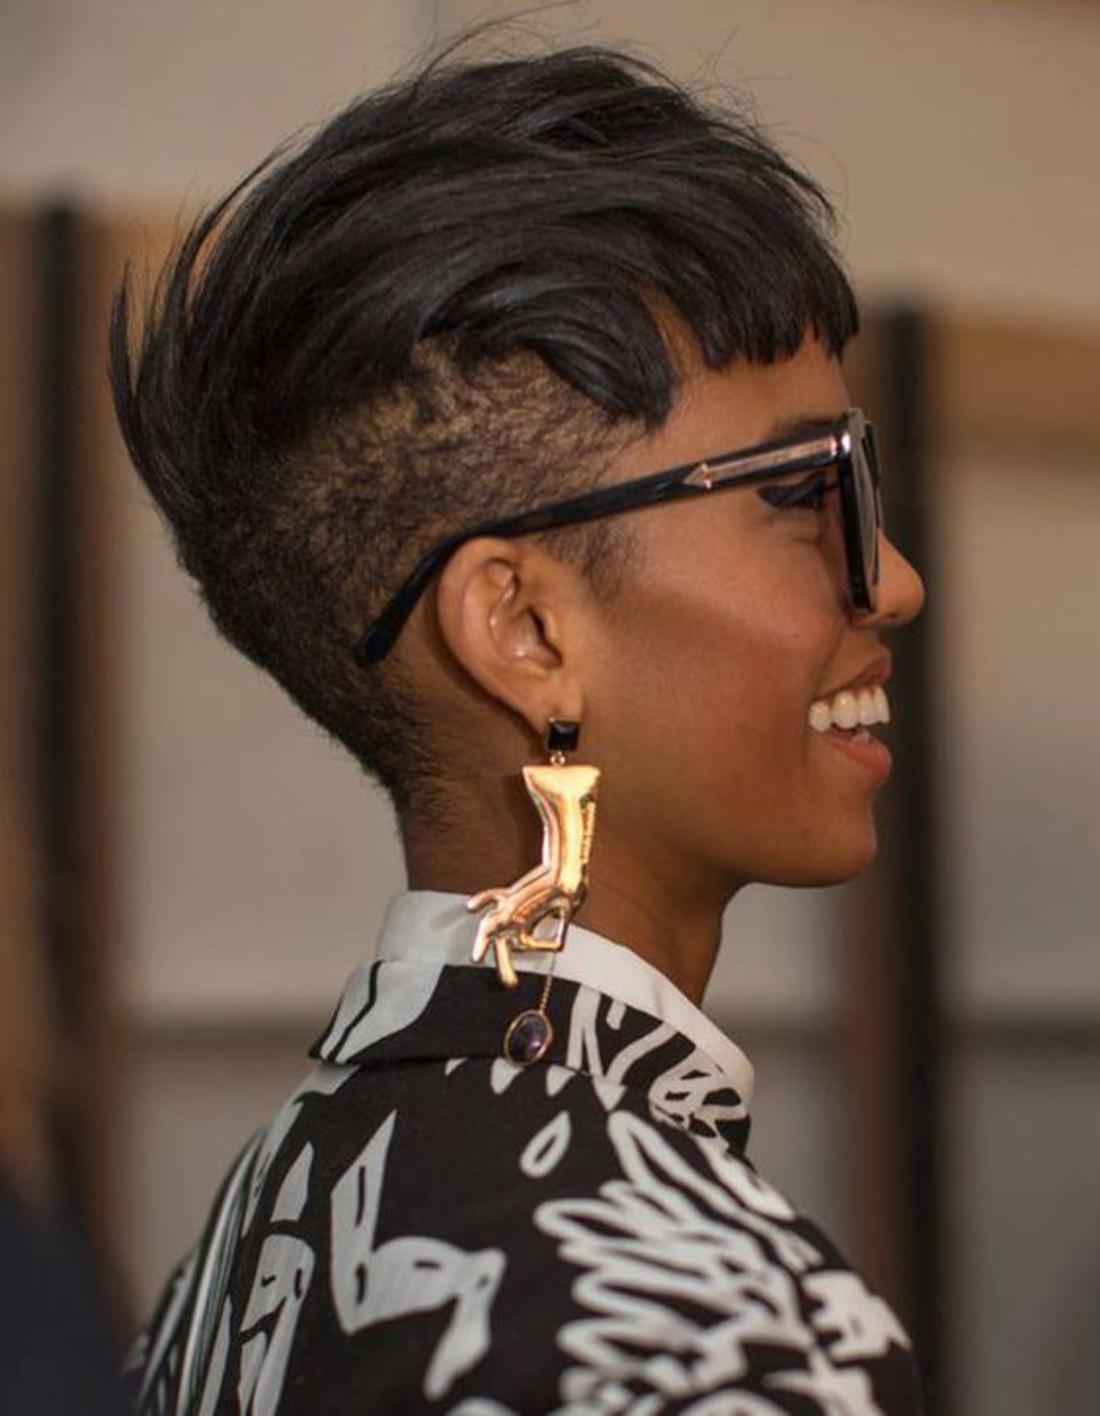 schwarze Haare goldene Ohrringe schwarz-weiße Bluse, Sonnenbrille Kurzhaar Undercut